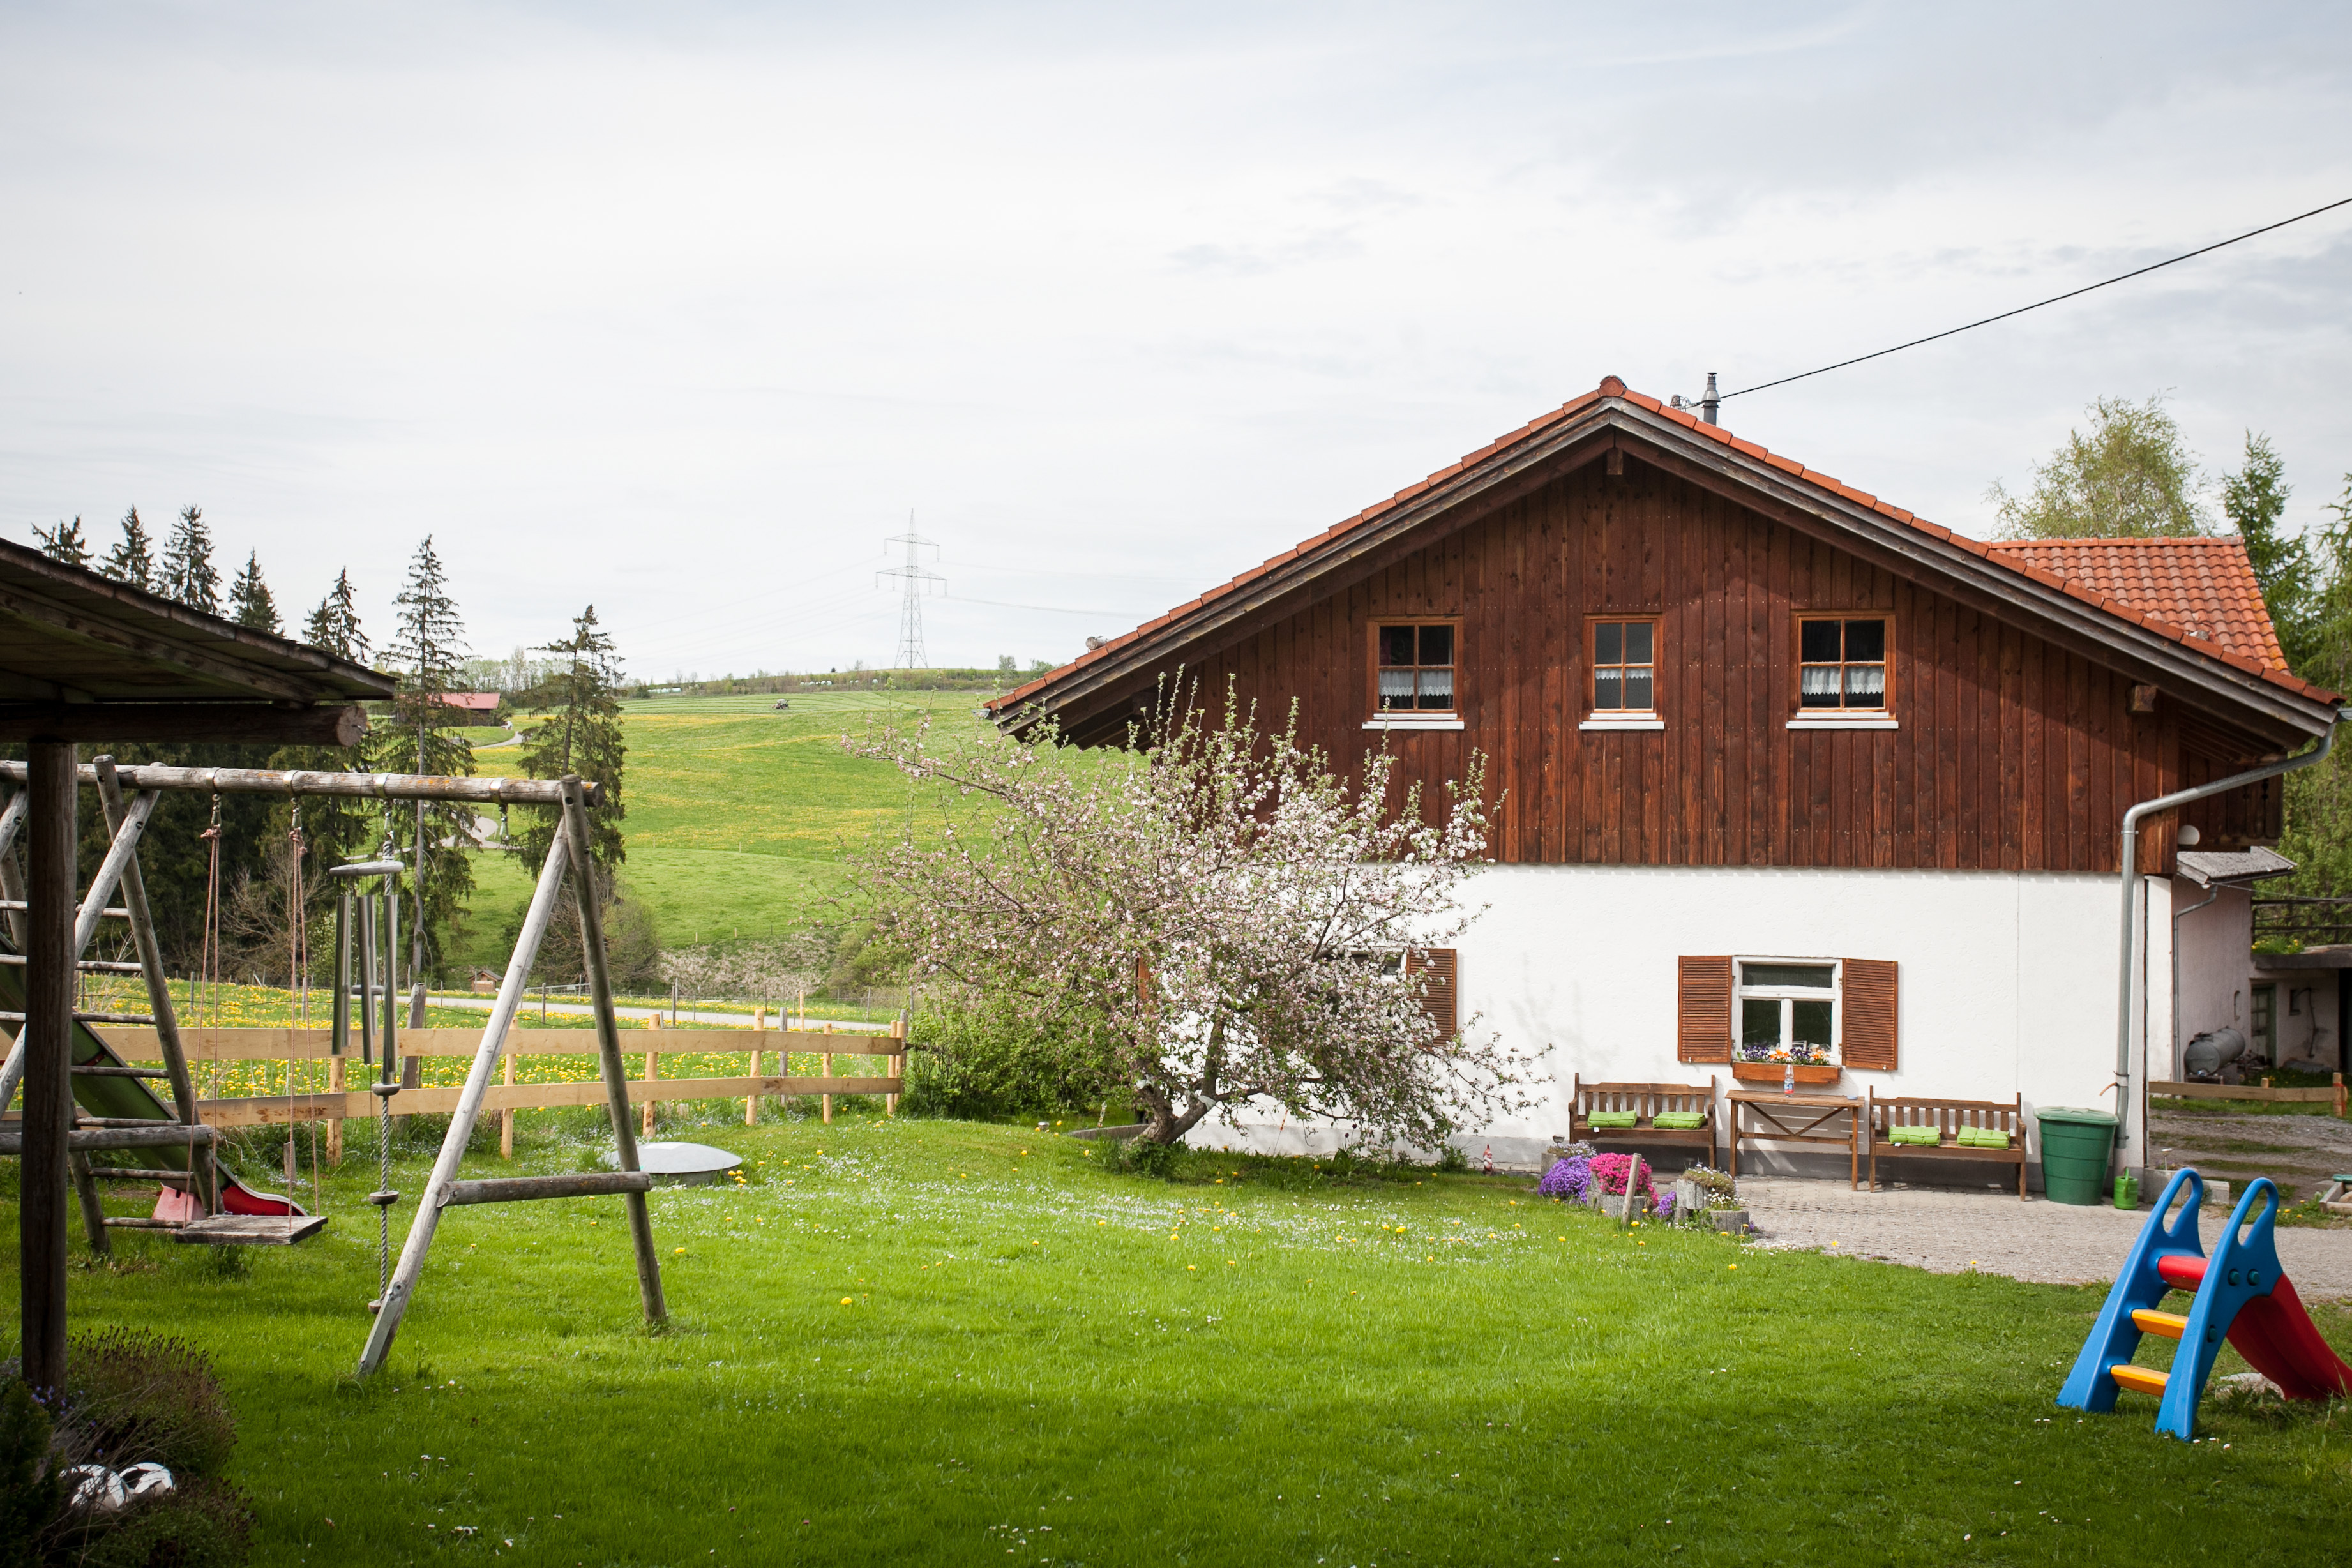 Ruhige Plätzchen für die Eltern und genügend Platz für die Kinder auf dem Bauernhof Ferienwohnungen Schmölz